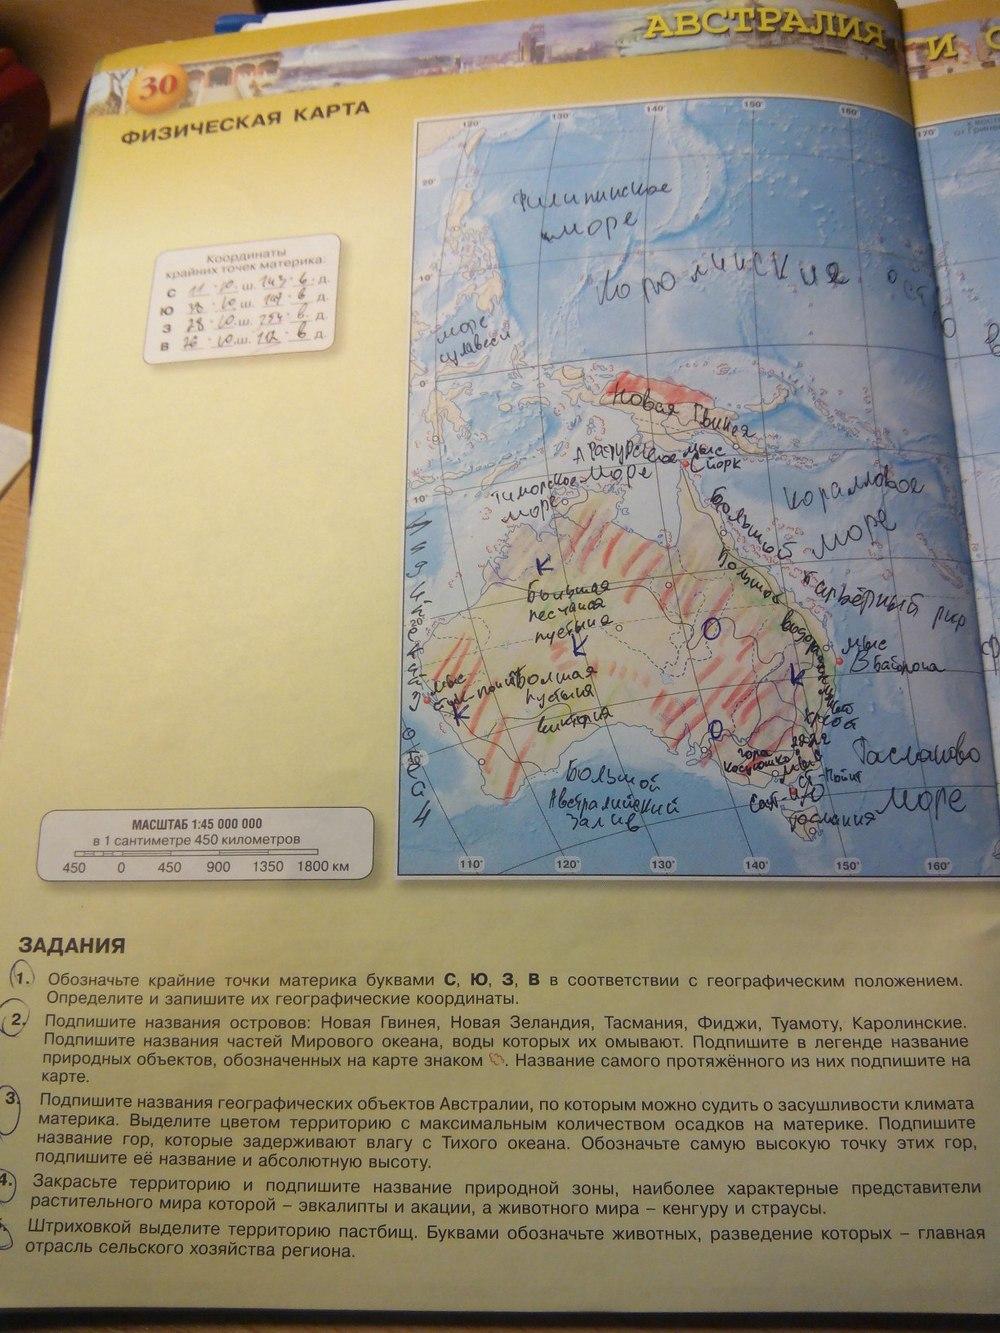 гдз по географии 7 класс контурные карты сферы земля и люди